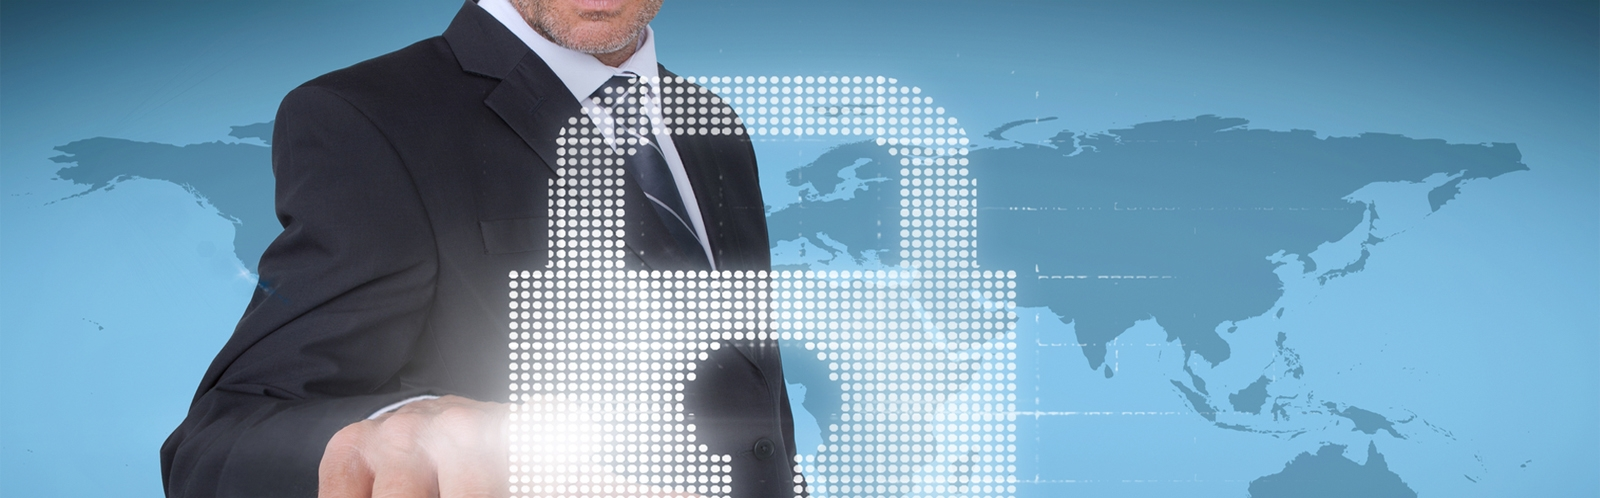 Akshar Technologies (@akshartechno) Cover Image